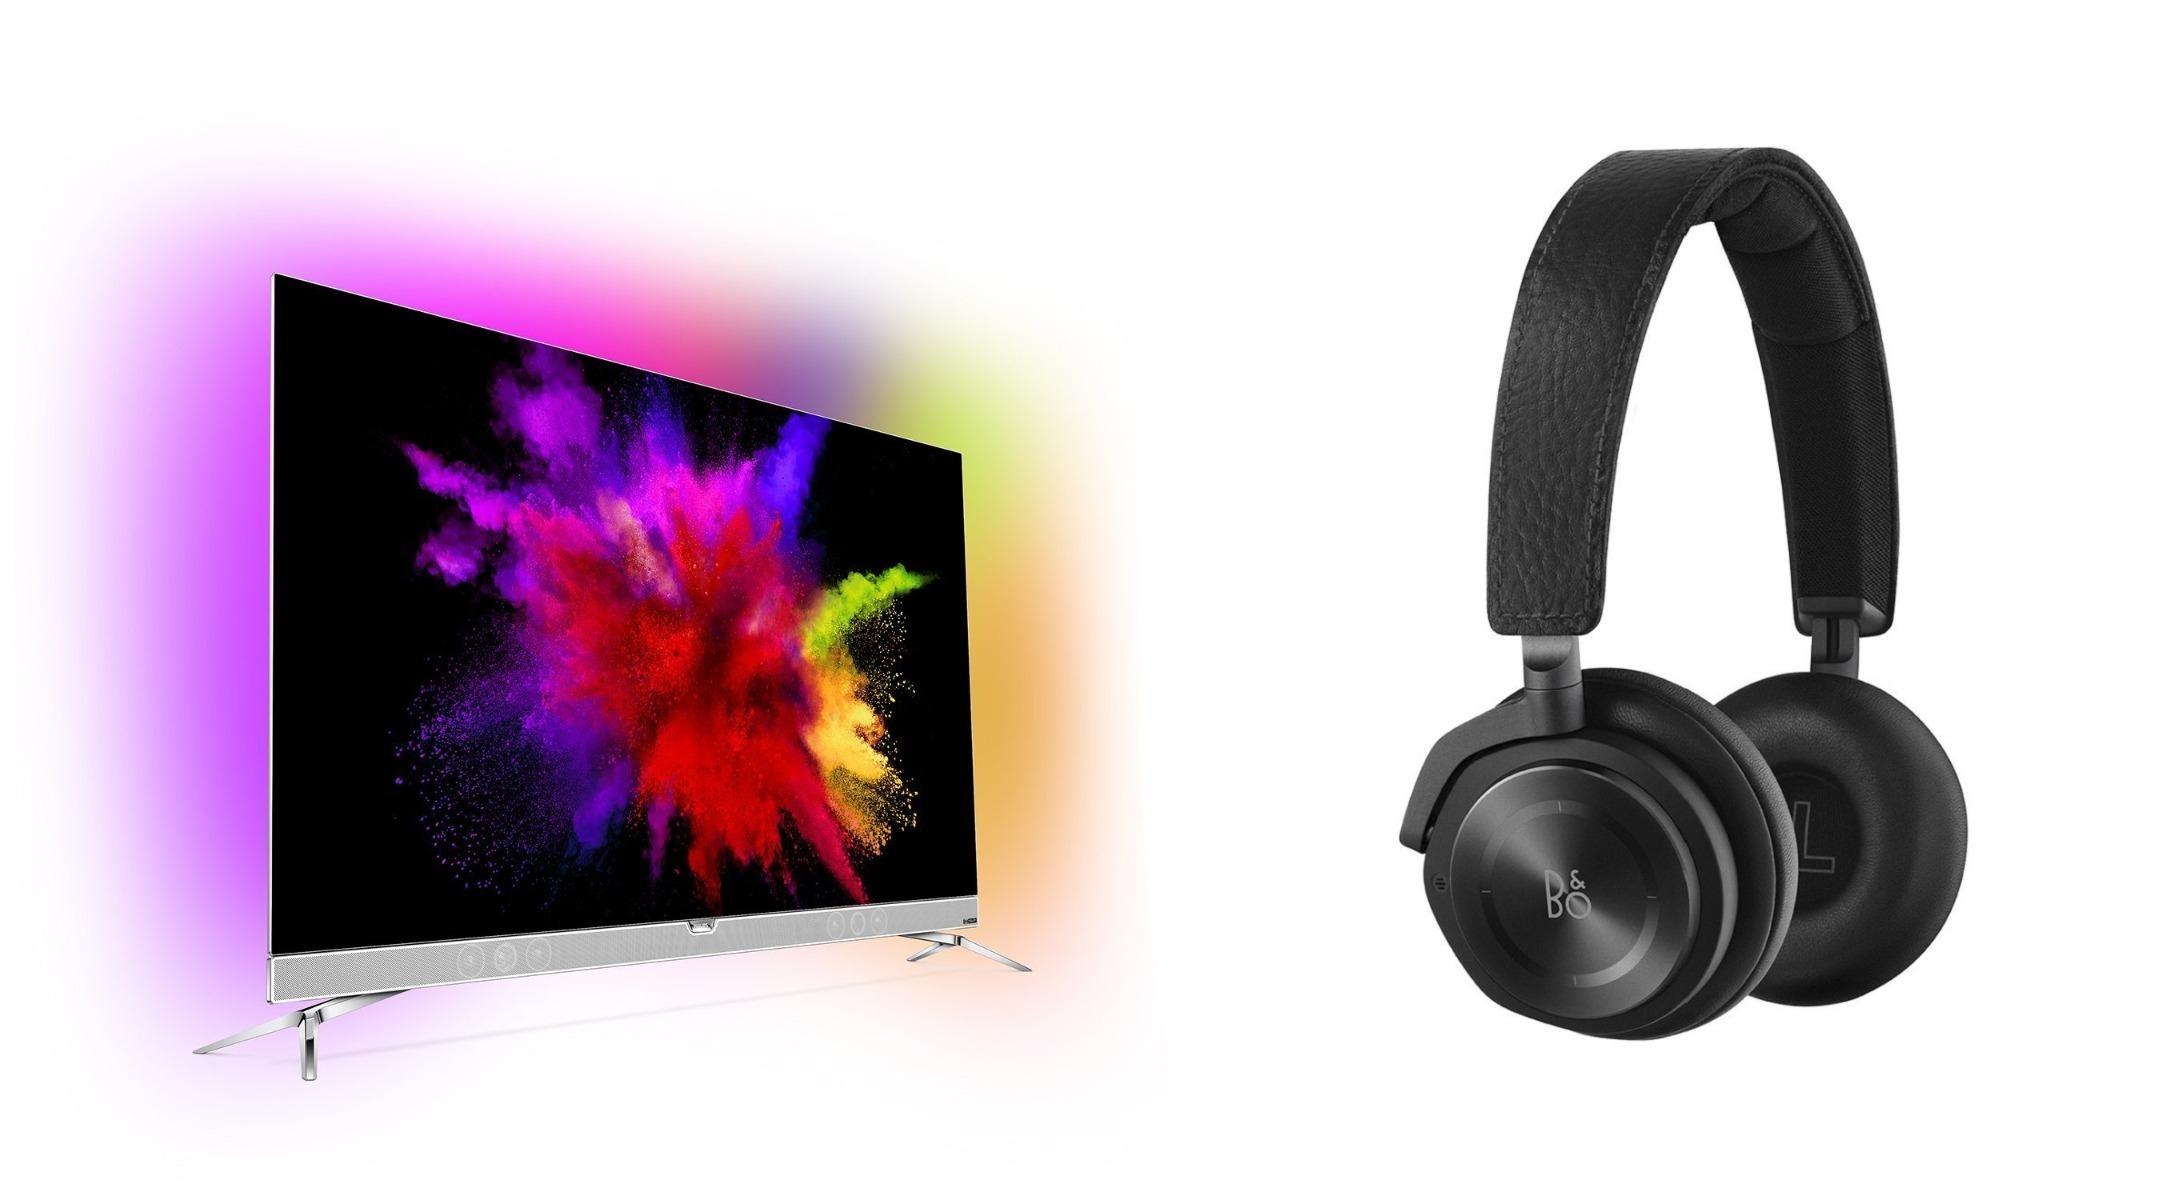 Bang & Olufsen BeoPlay H8 Kopfhörer (alle Farben) für 249,99€ | Philips 55POS901F 4K OLED-TV für 1699€